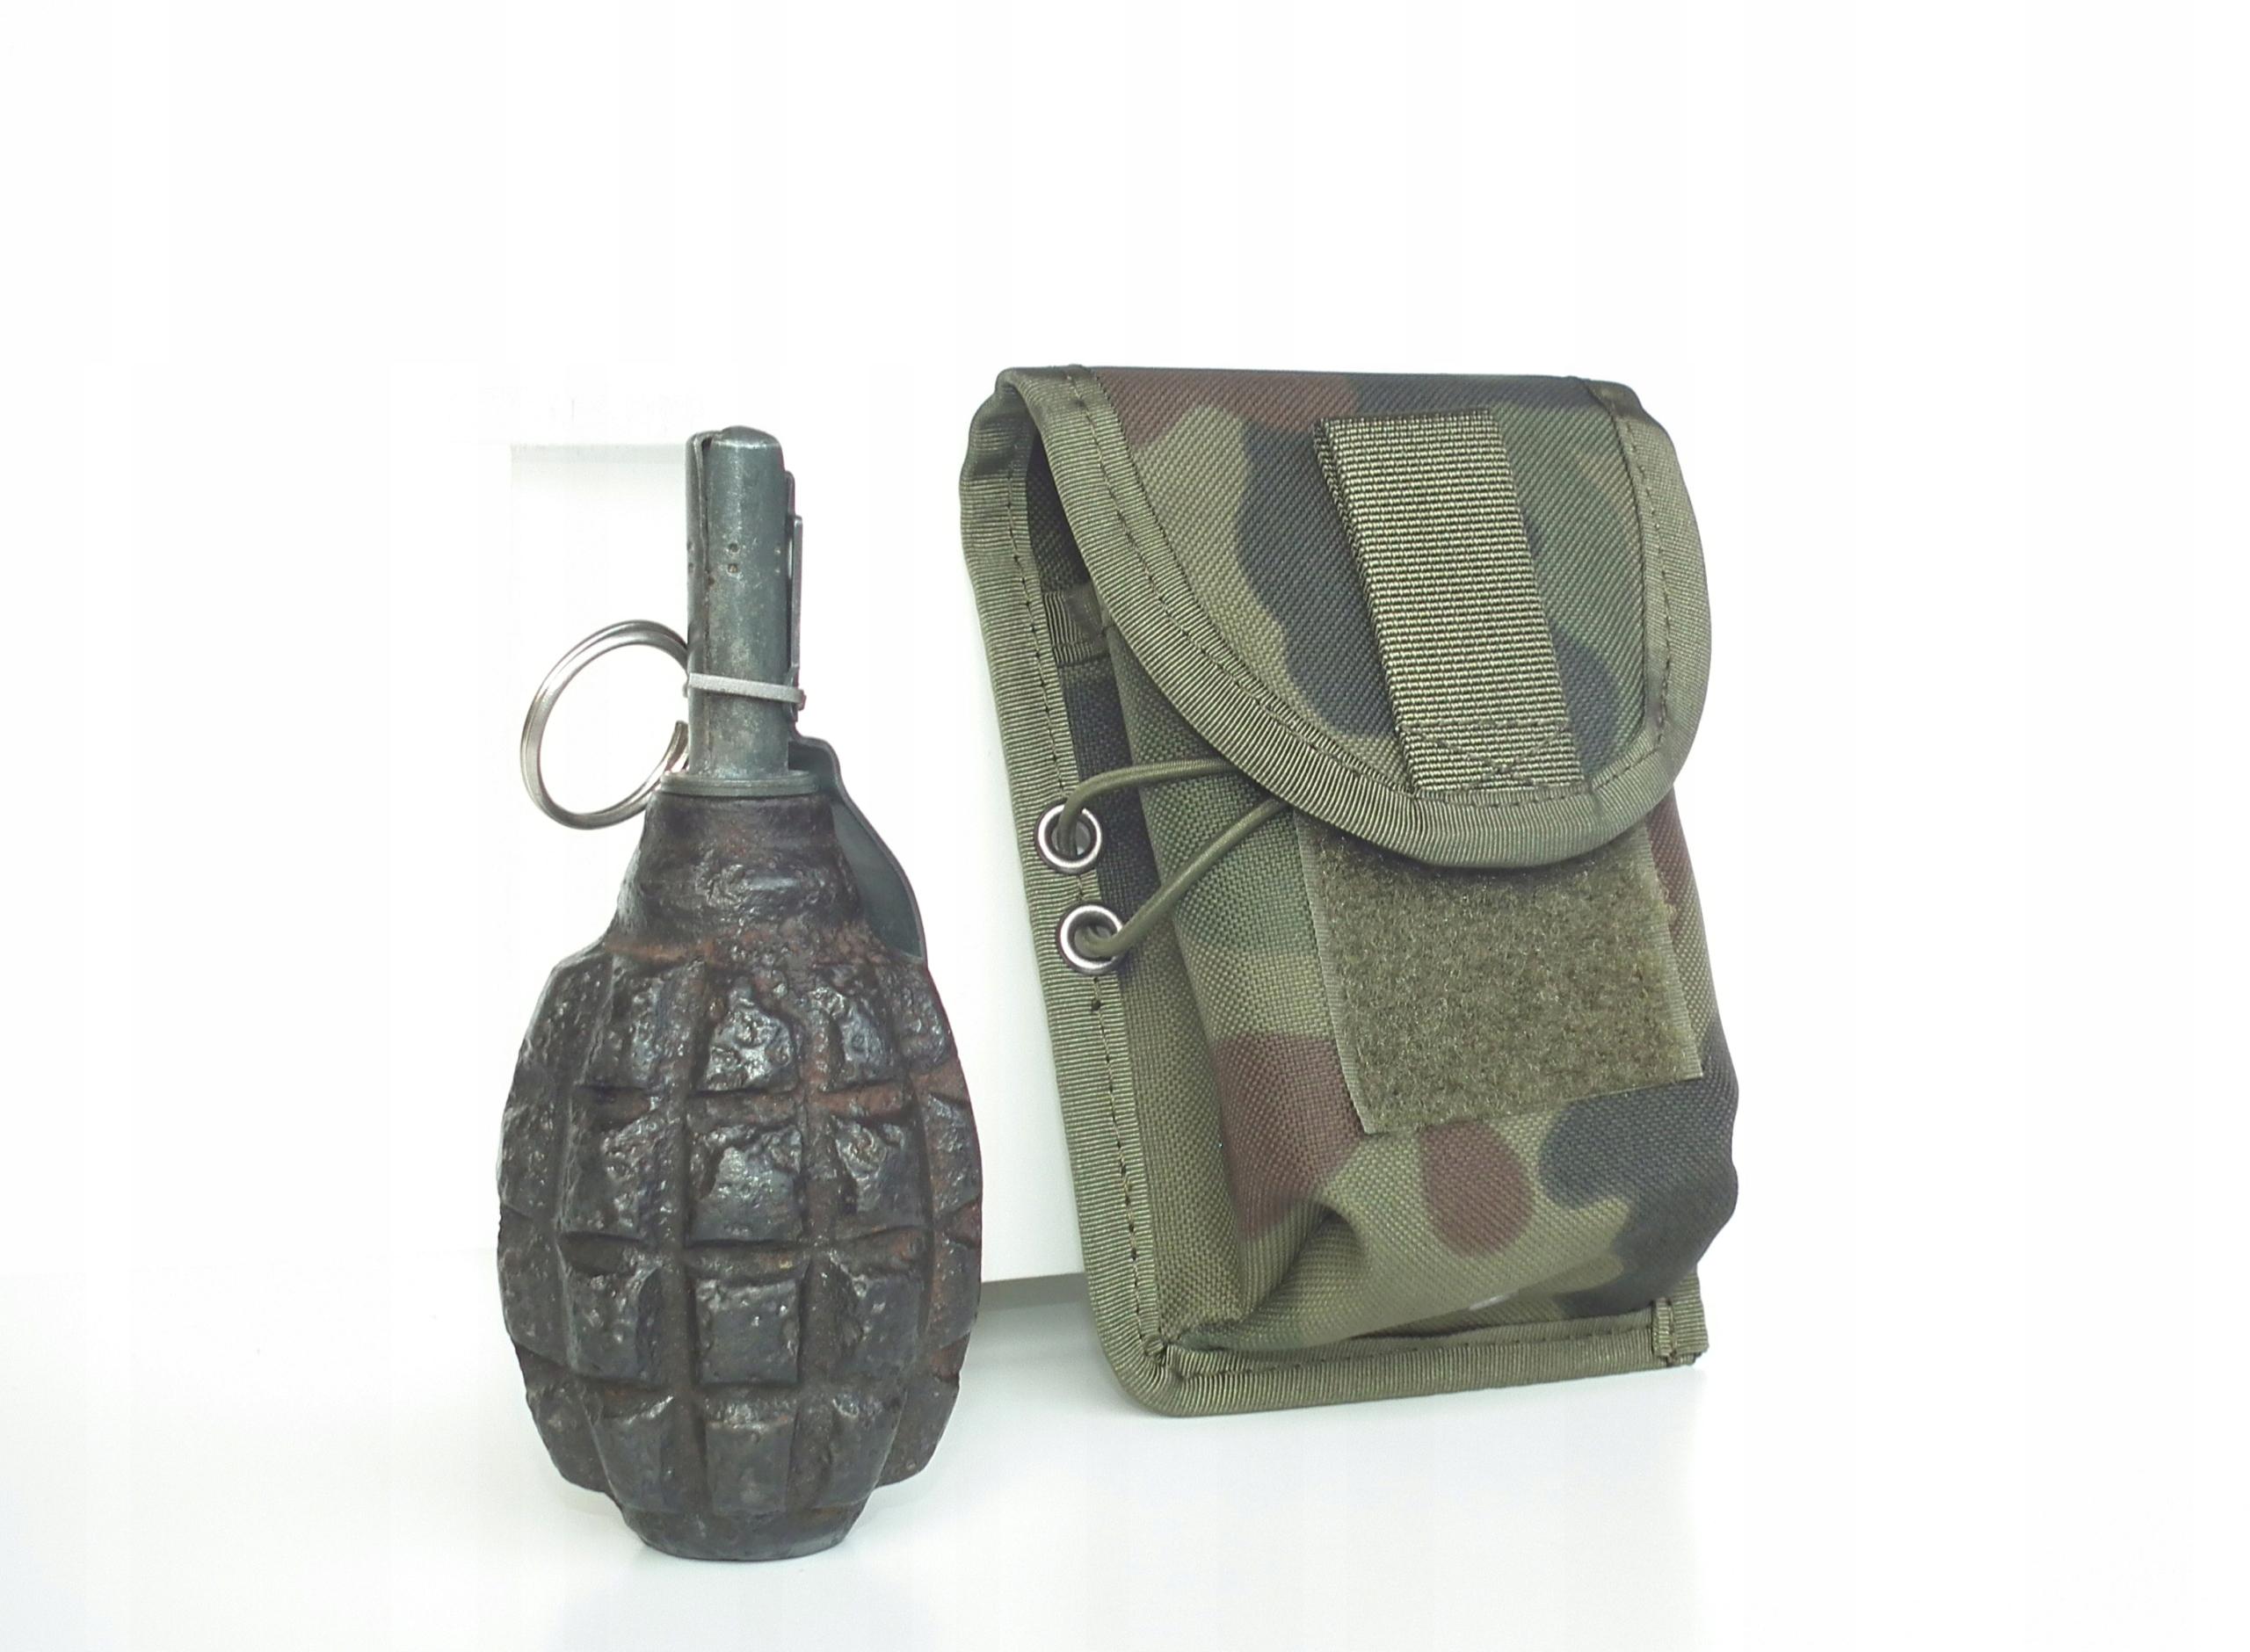 Ładownica /kieszeń na granat wz. 93 - Centurion